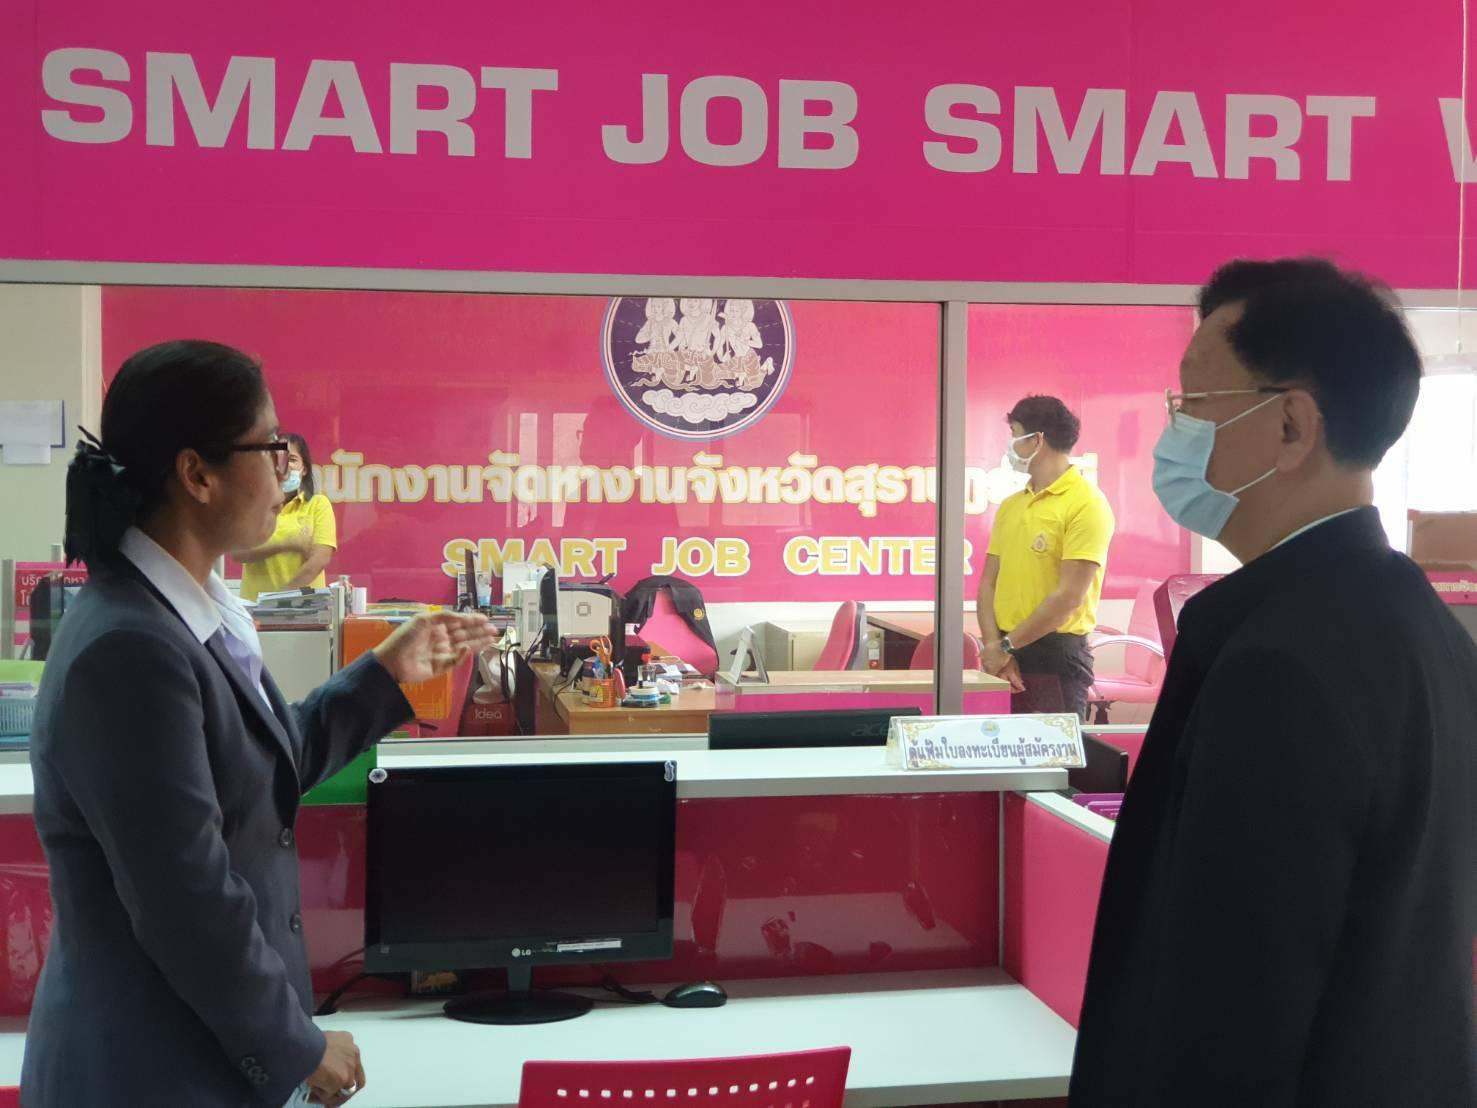 อธิบดีกรมการจัดหางาน ตรวจเยี่ยม สำนักงานจัดหางานจังหวัดสุราษฎร์ธานี